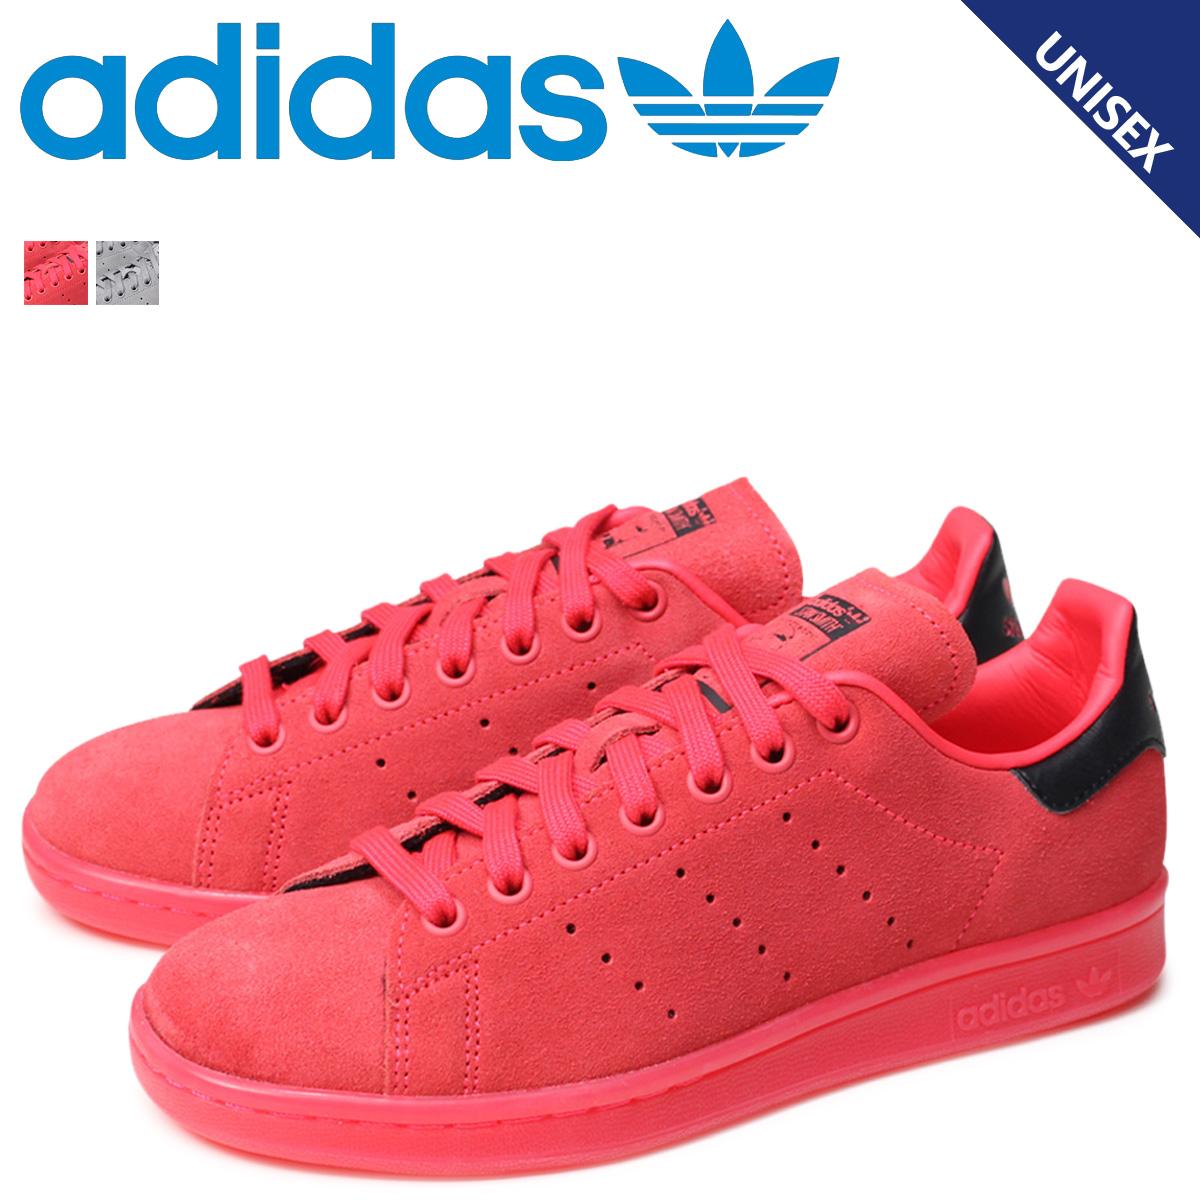 red stan smith adidas - Travbeast 0ae20ef5c